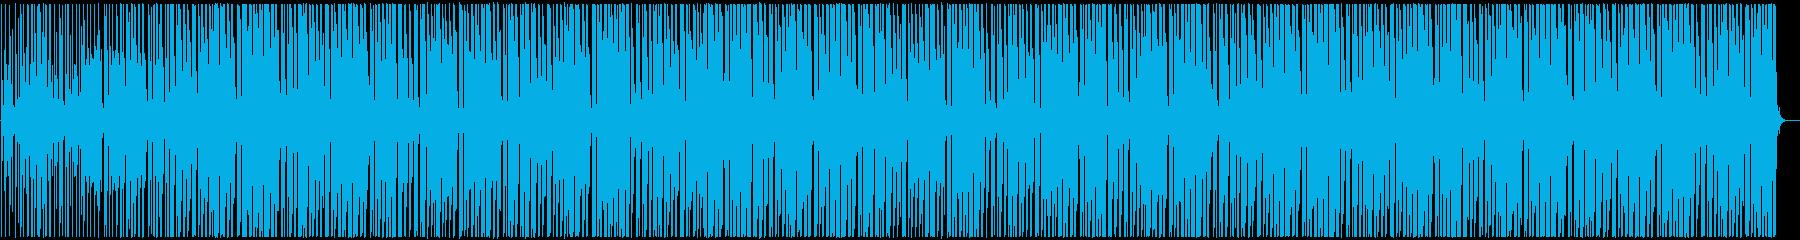 明るくかわいい アフロビート調レゲエの再生済みの波形